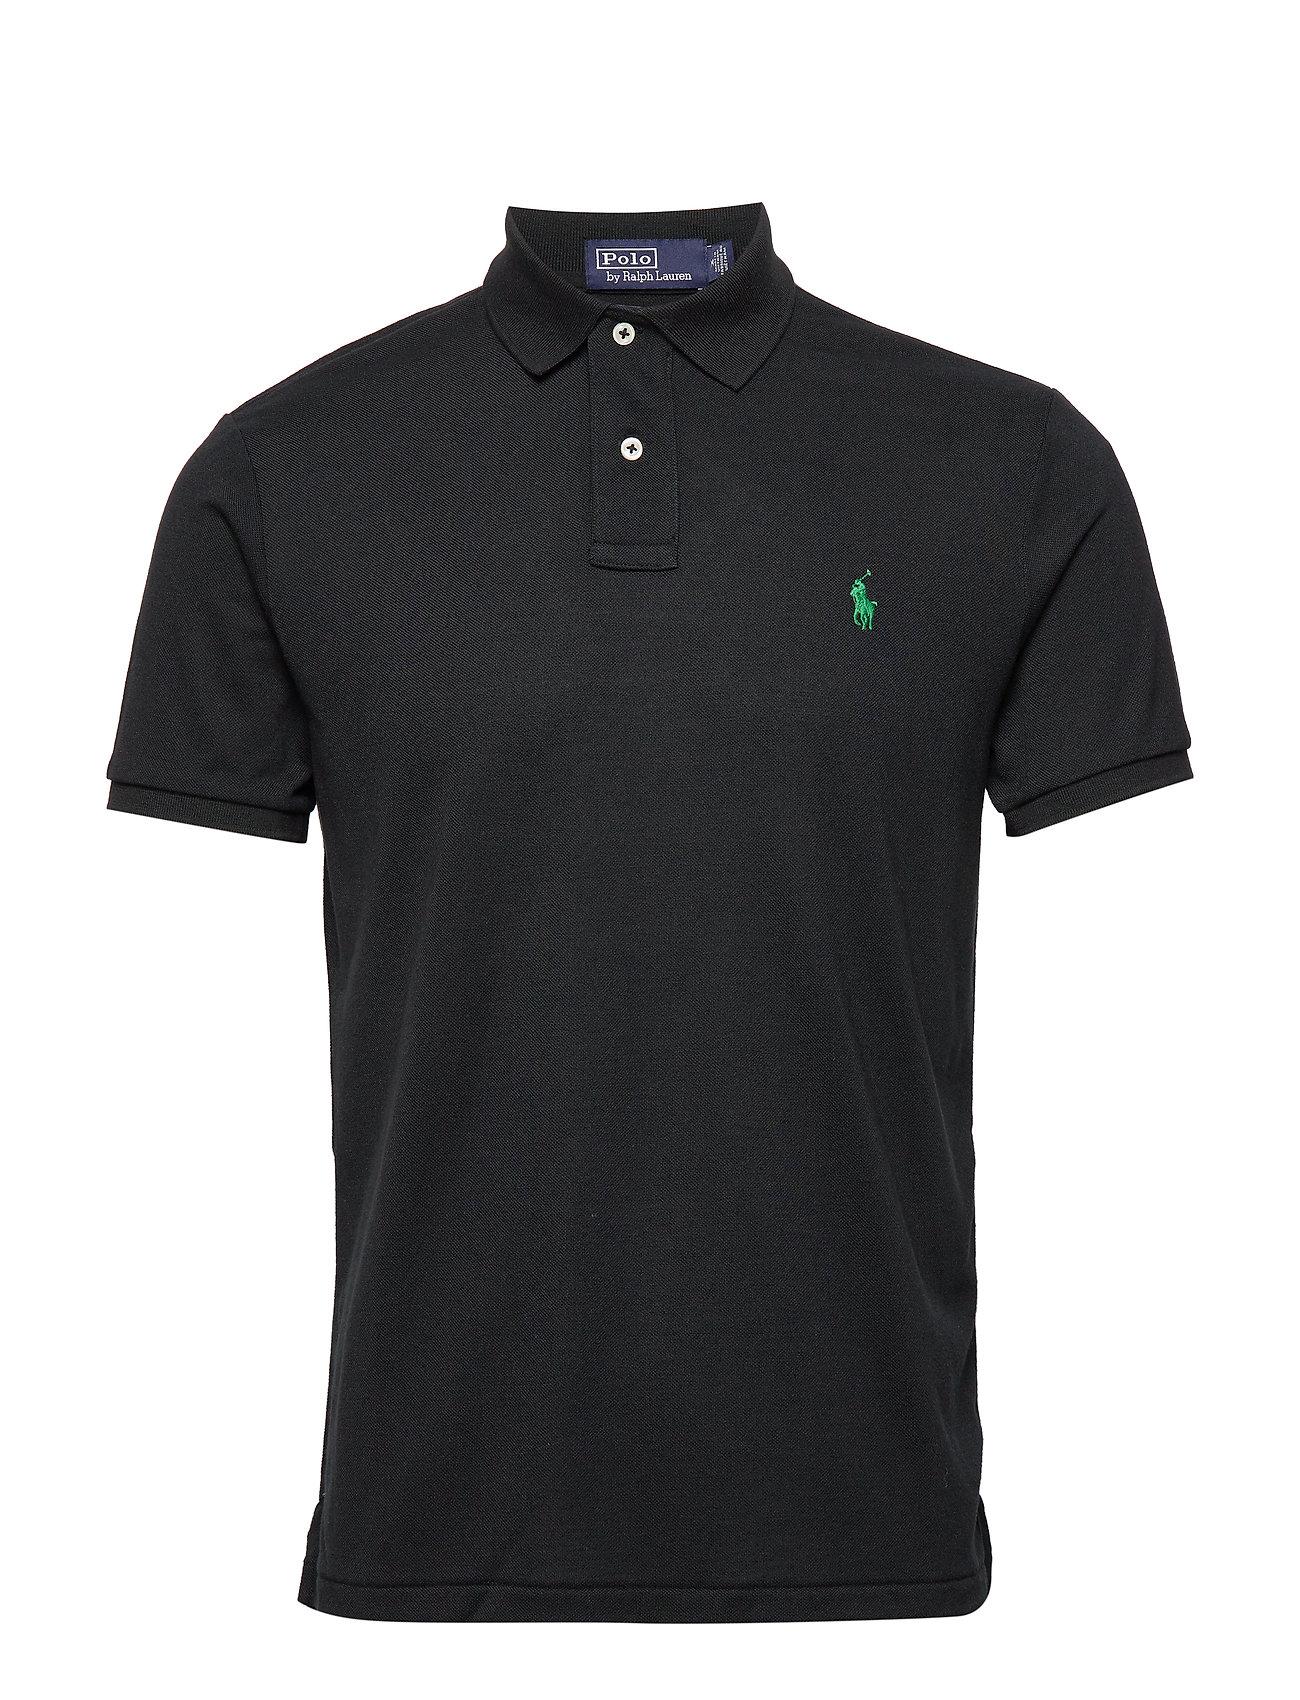 Polo Ralph Lauren The Earth Polo Shirt - POLO BLACK